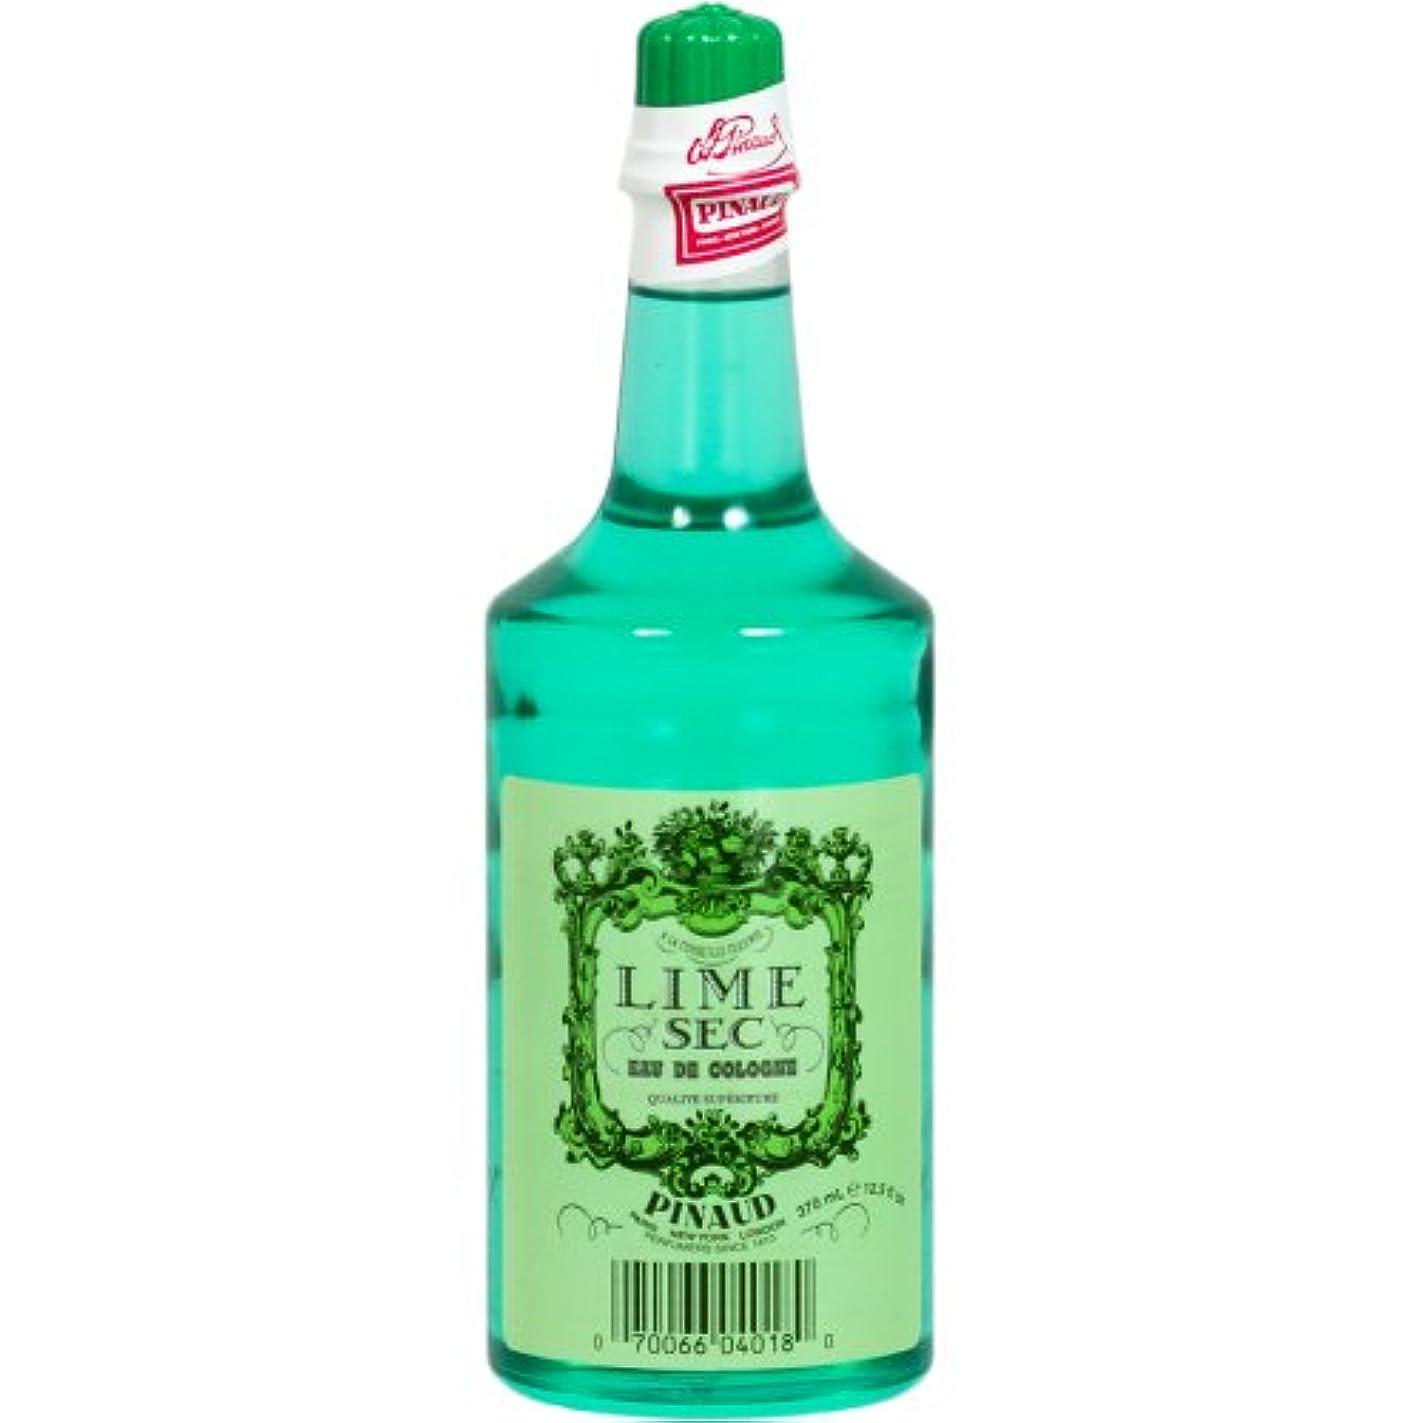 CLUBMAN Lime Sec Eau de Cologne, 12.5 oz (並行輸入品)